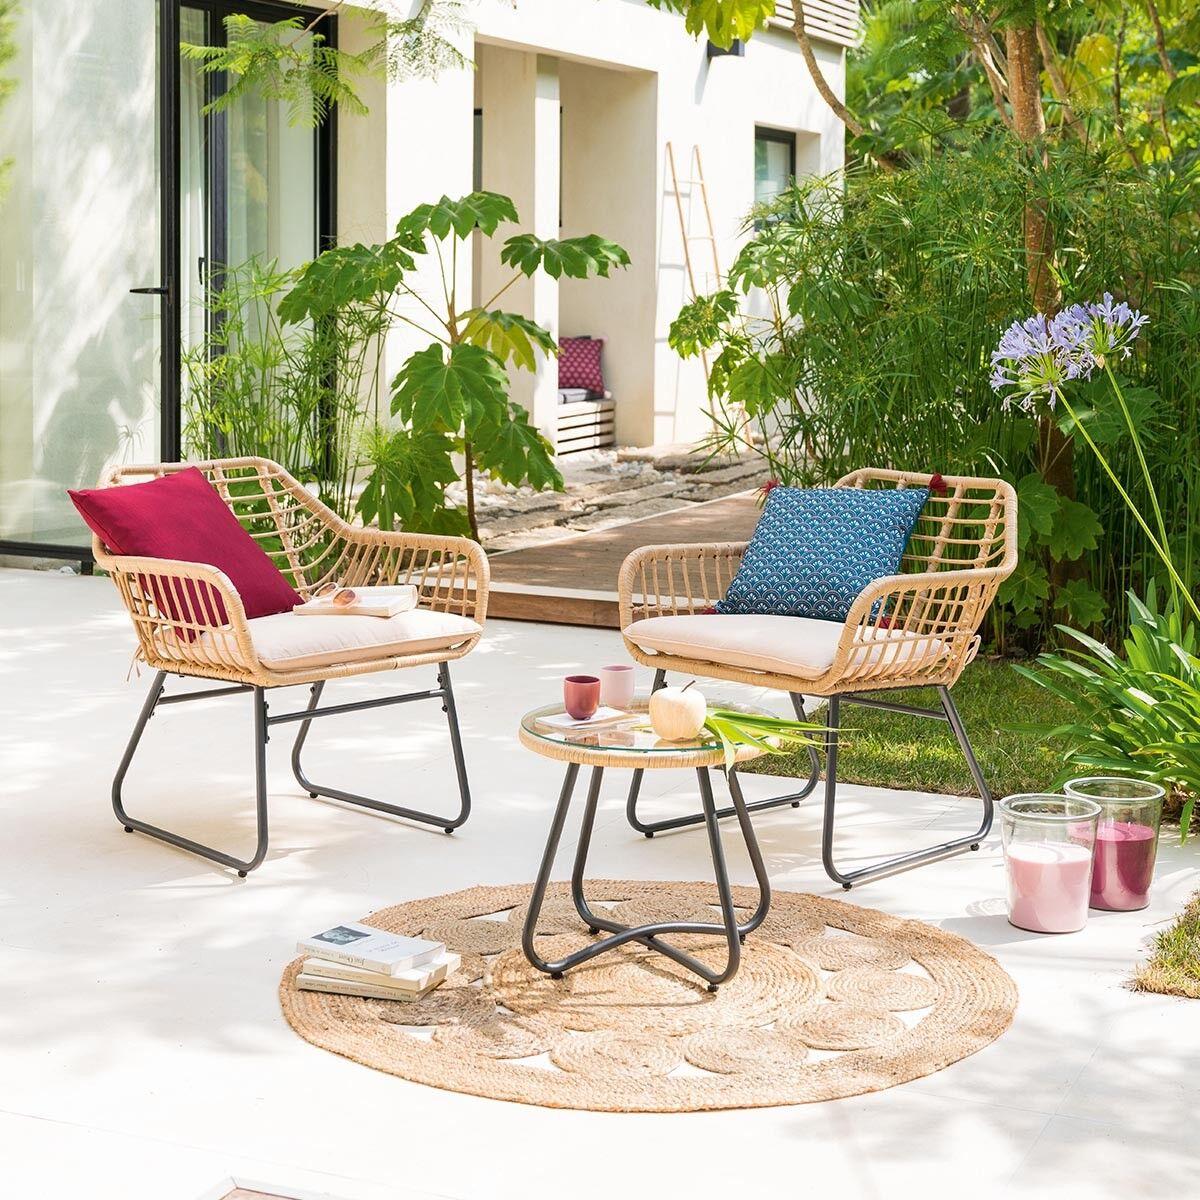 Hespéride Salon de jardin Lambada Sésame avec table basse ronde 2 places - Aluminium traité époxy, Résine tressée, Verre trempé et polyester